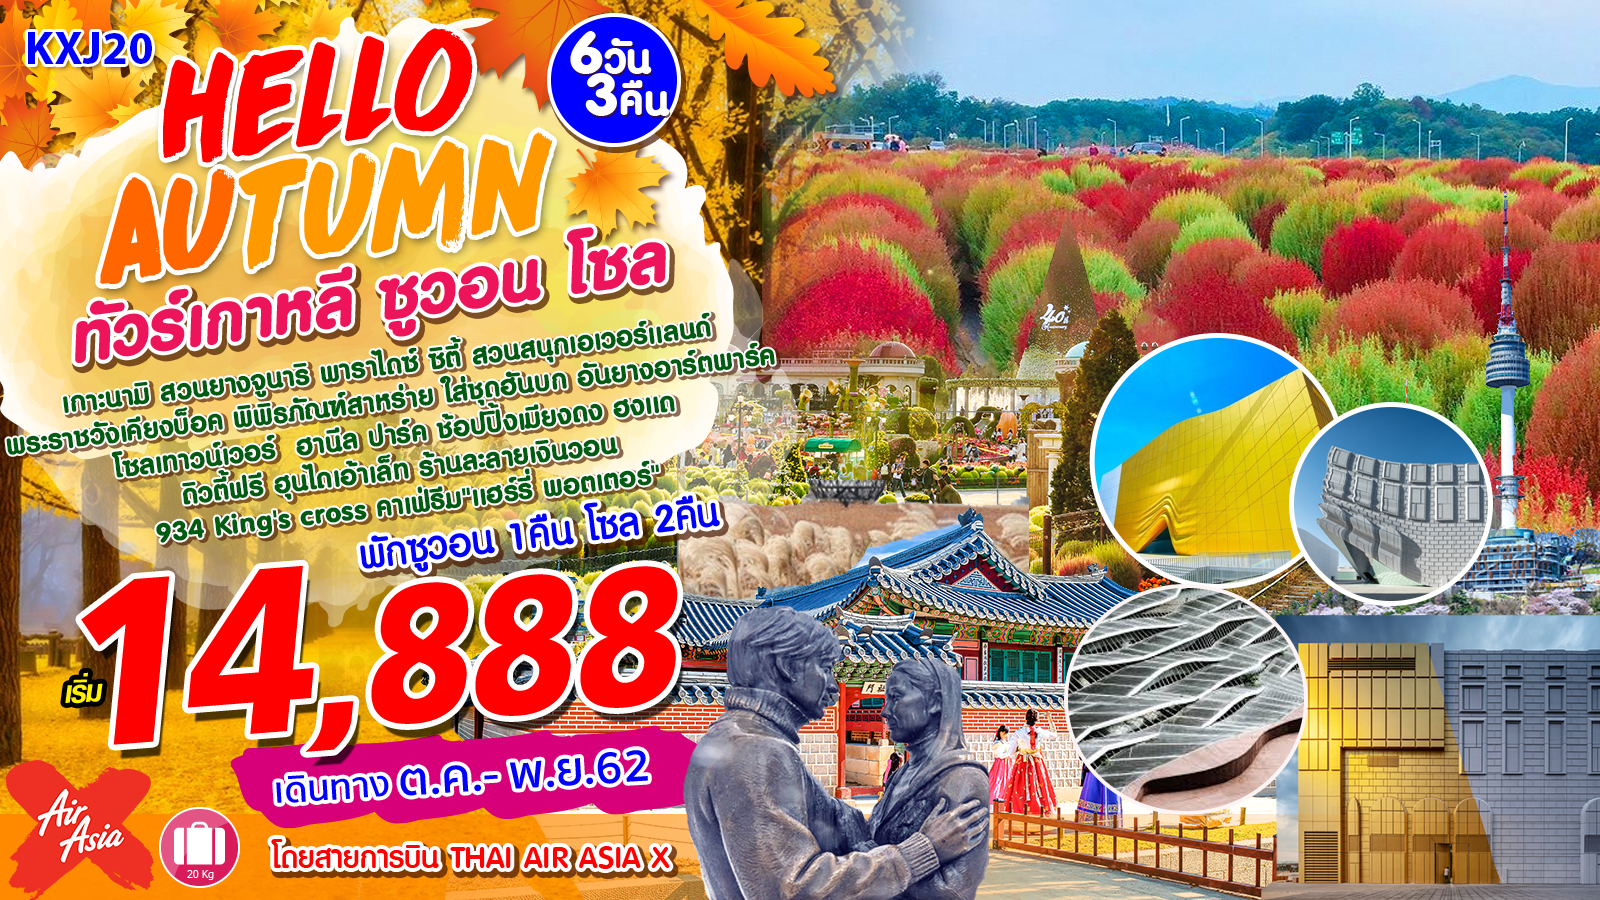 ทัวร์เกาหลี HELLO AUTUMN ซูวอน โซล (KXJ20)